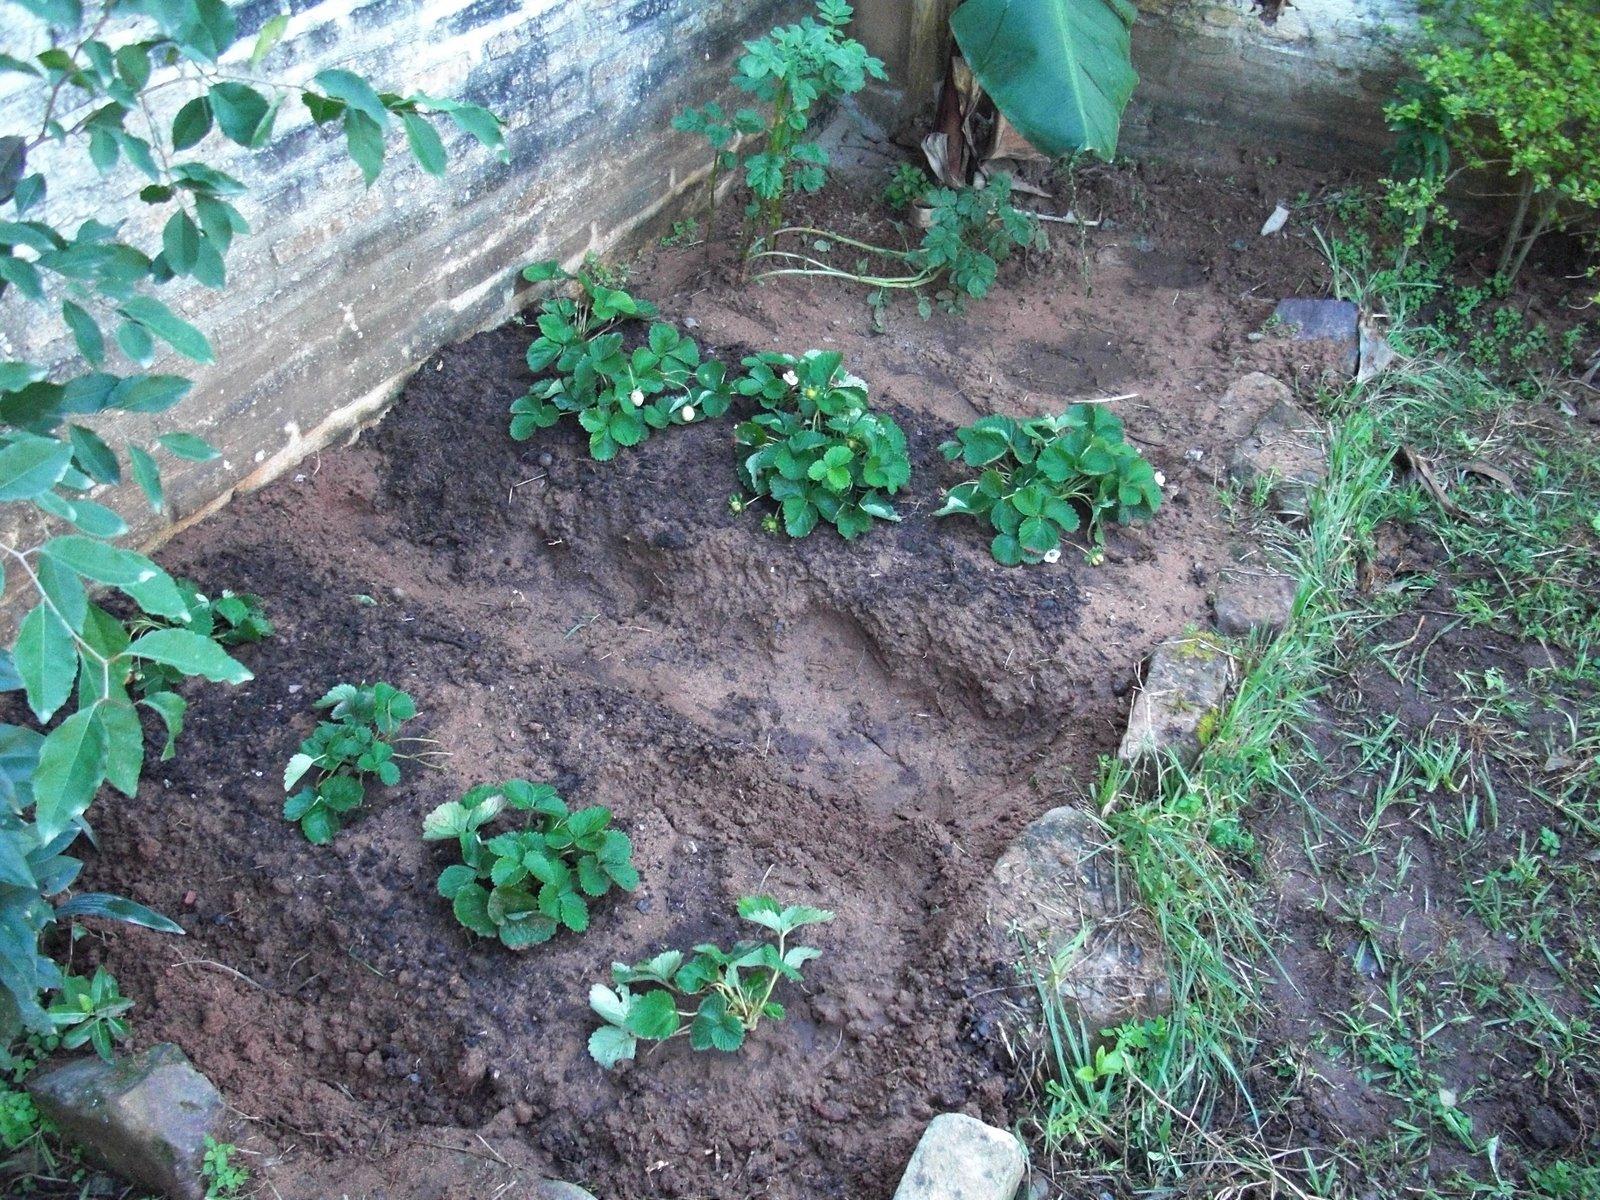 erdbeeren ableger kleinegarten 11 erdbeeren bilden im. Black Bedroom Furniture Sets. Home Design Ideas